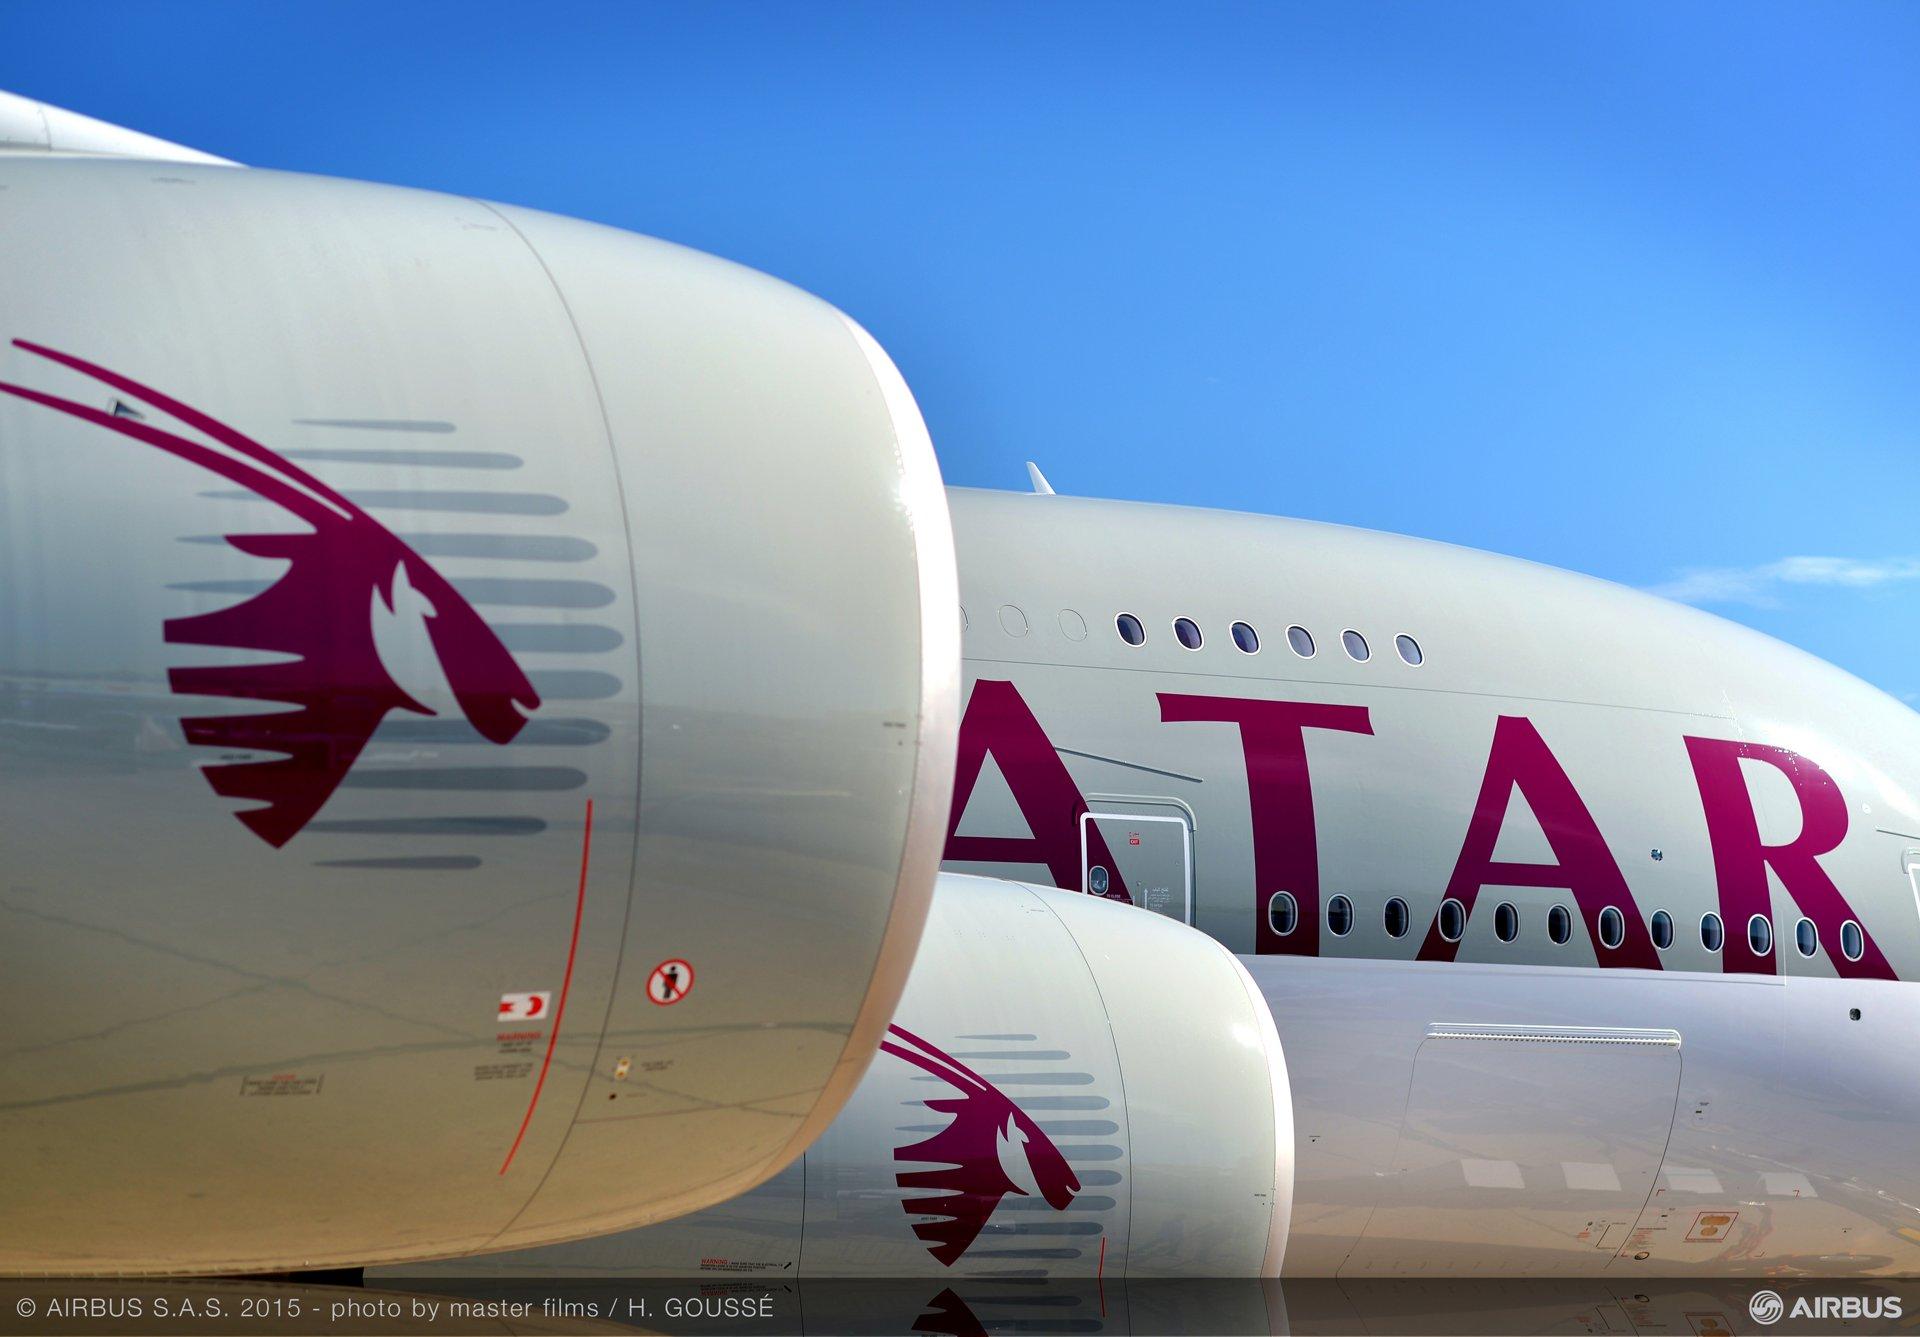 Paris Air Show 2015_Qatar A380 on static display